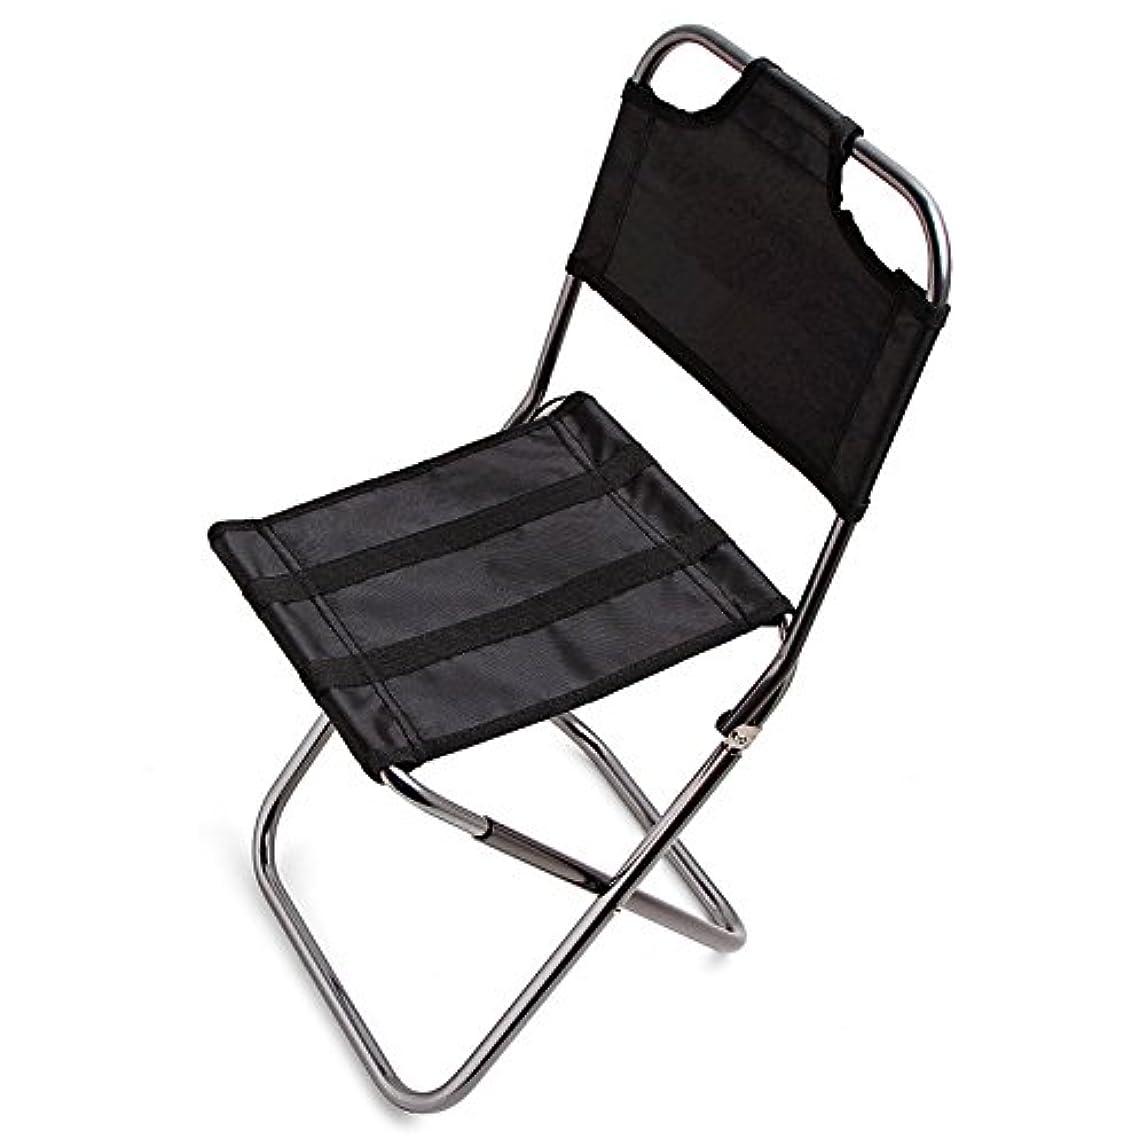 スカープ暖かく失敗CIKA アウトドア チェア 椅子 折り畳み 超軽量 コンパクトチェア ウルトラライト 軽イッス 釣り 花火大会 BBQ バーベキュー キャンプ用品 持ち運び便利 収納バッグ付き